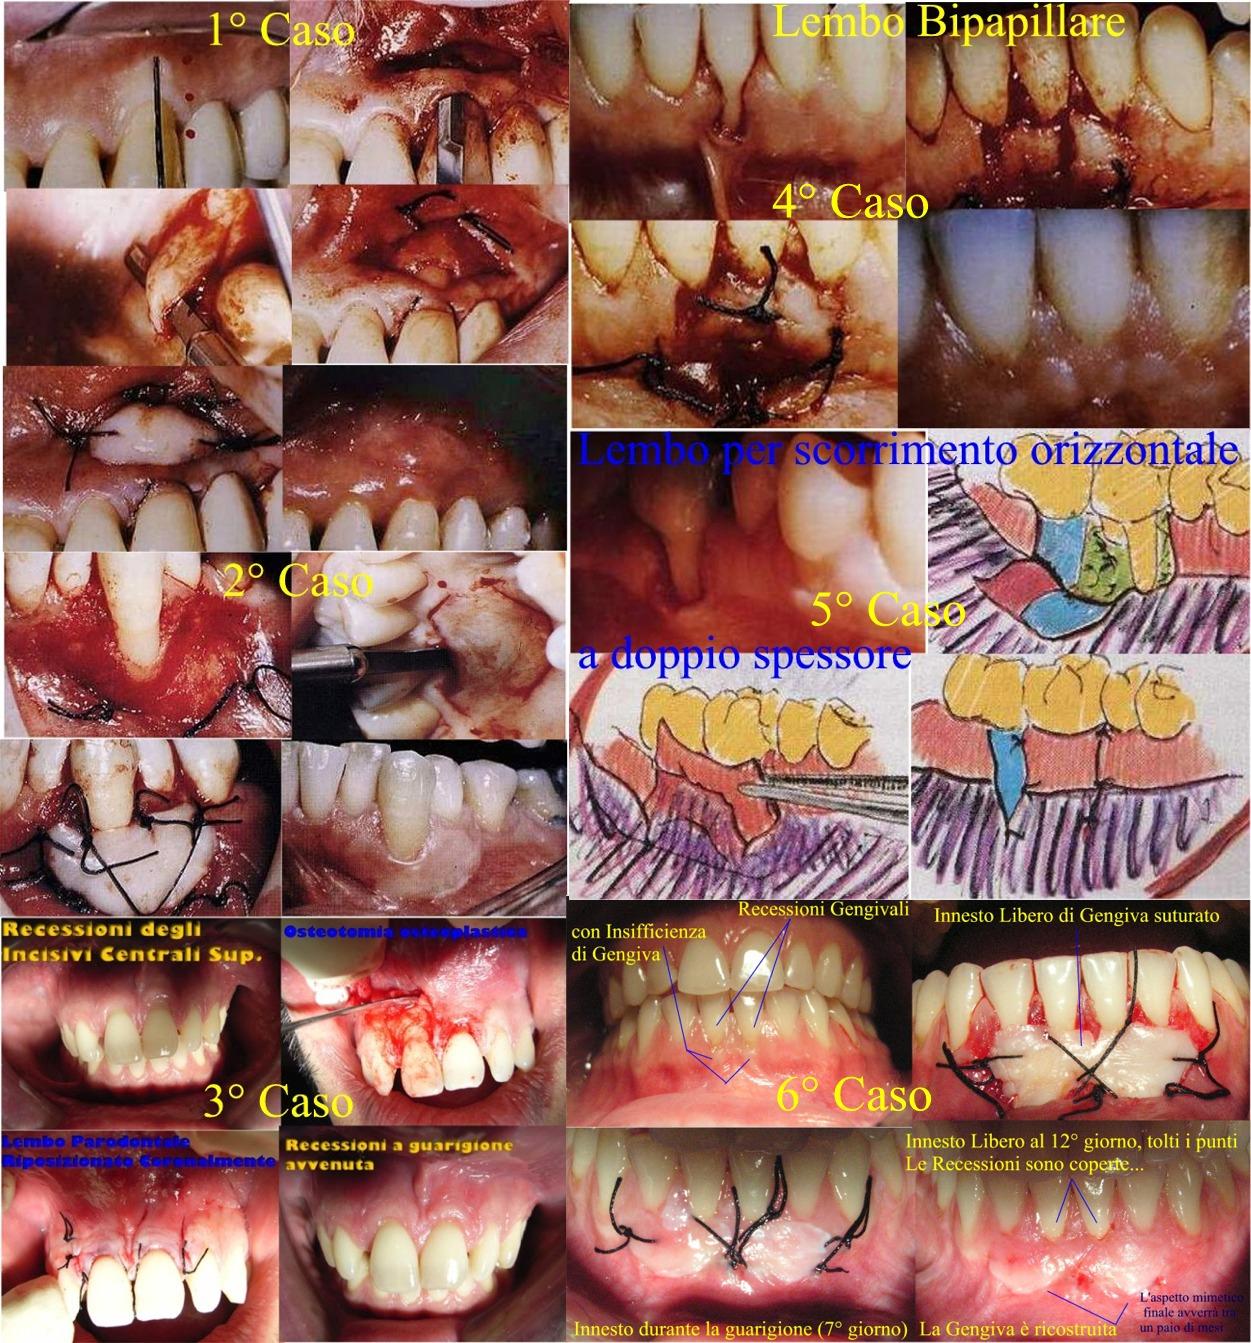 Recessioni Gengivali e Parte delle Varie Terapie Parodontali. Da Casistica del Dr. Gustavo Petti Parodontologo di Cagliari